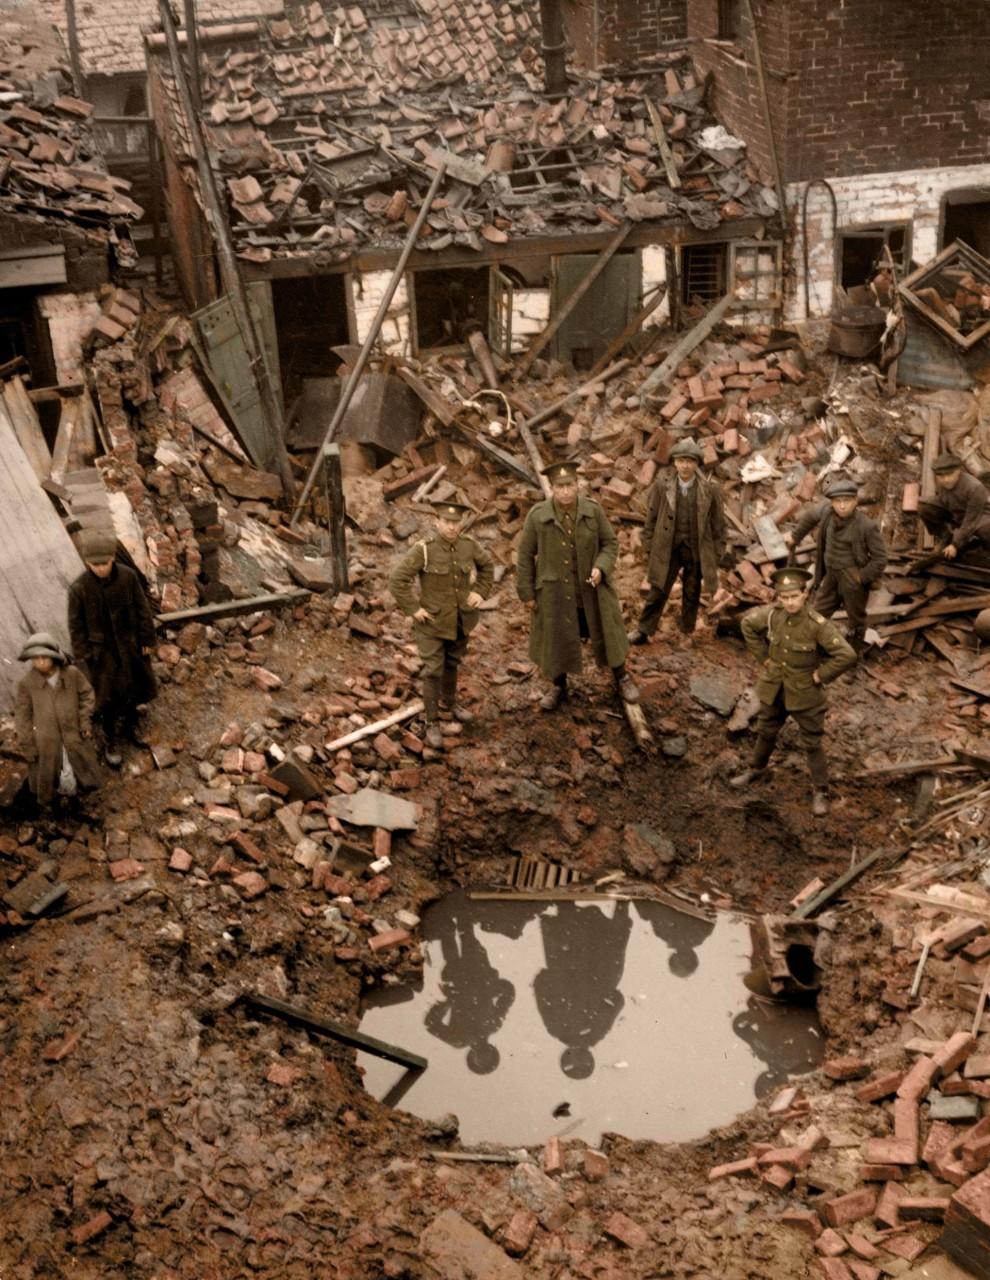 Разрушения в результате налета Цеппелинов, 19 января 1915 г. Кингс-Линн, Норфолк, Великобритания архивное фото, колоризация, колоризация фотографий, колоризированные снимки, первая мировая, первая мировая война, фото войны